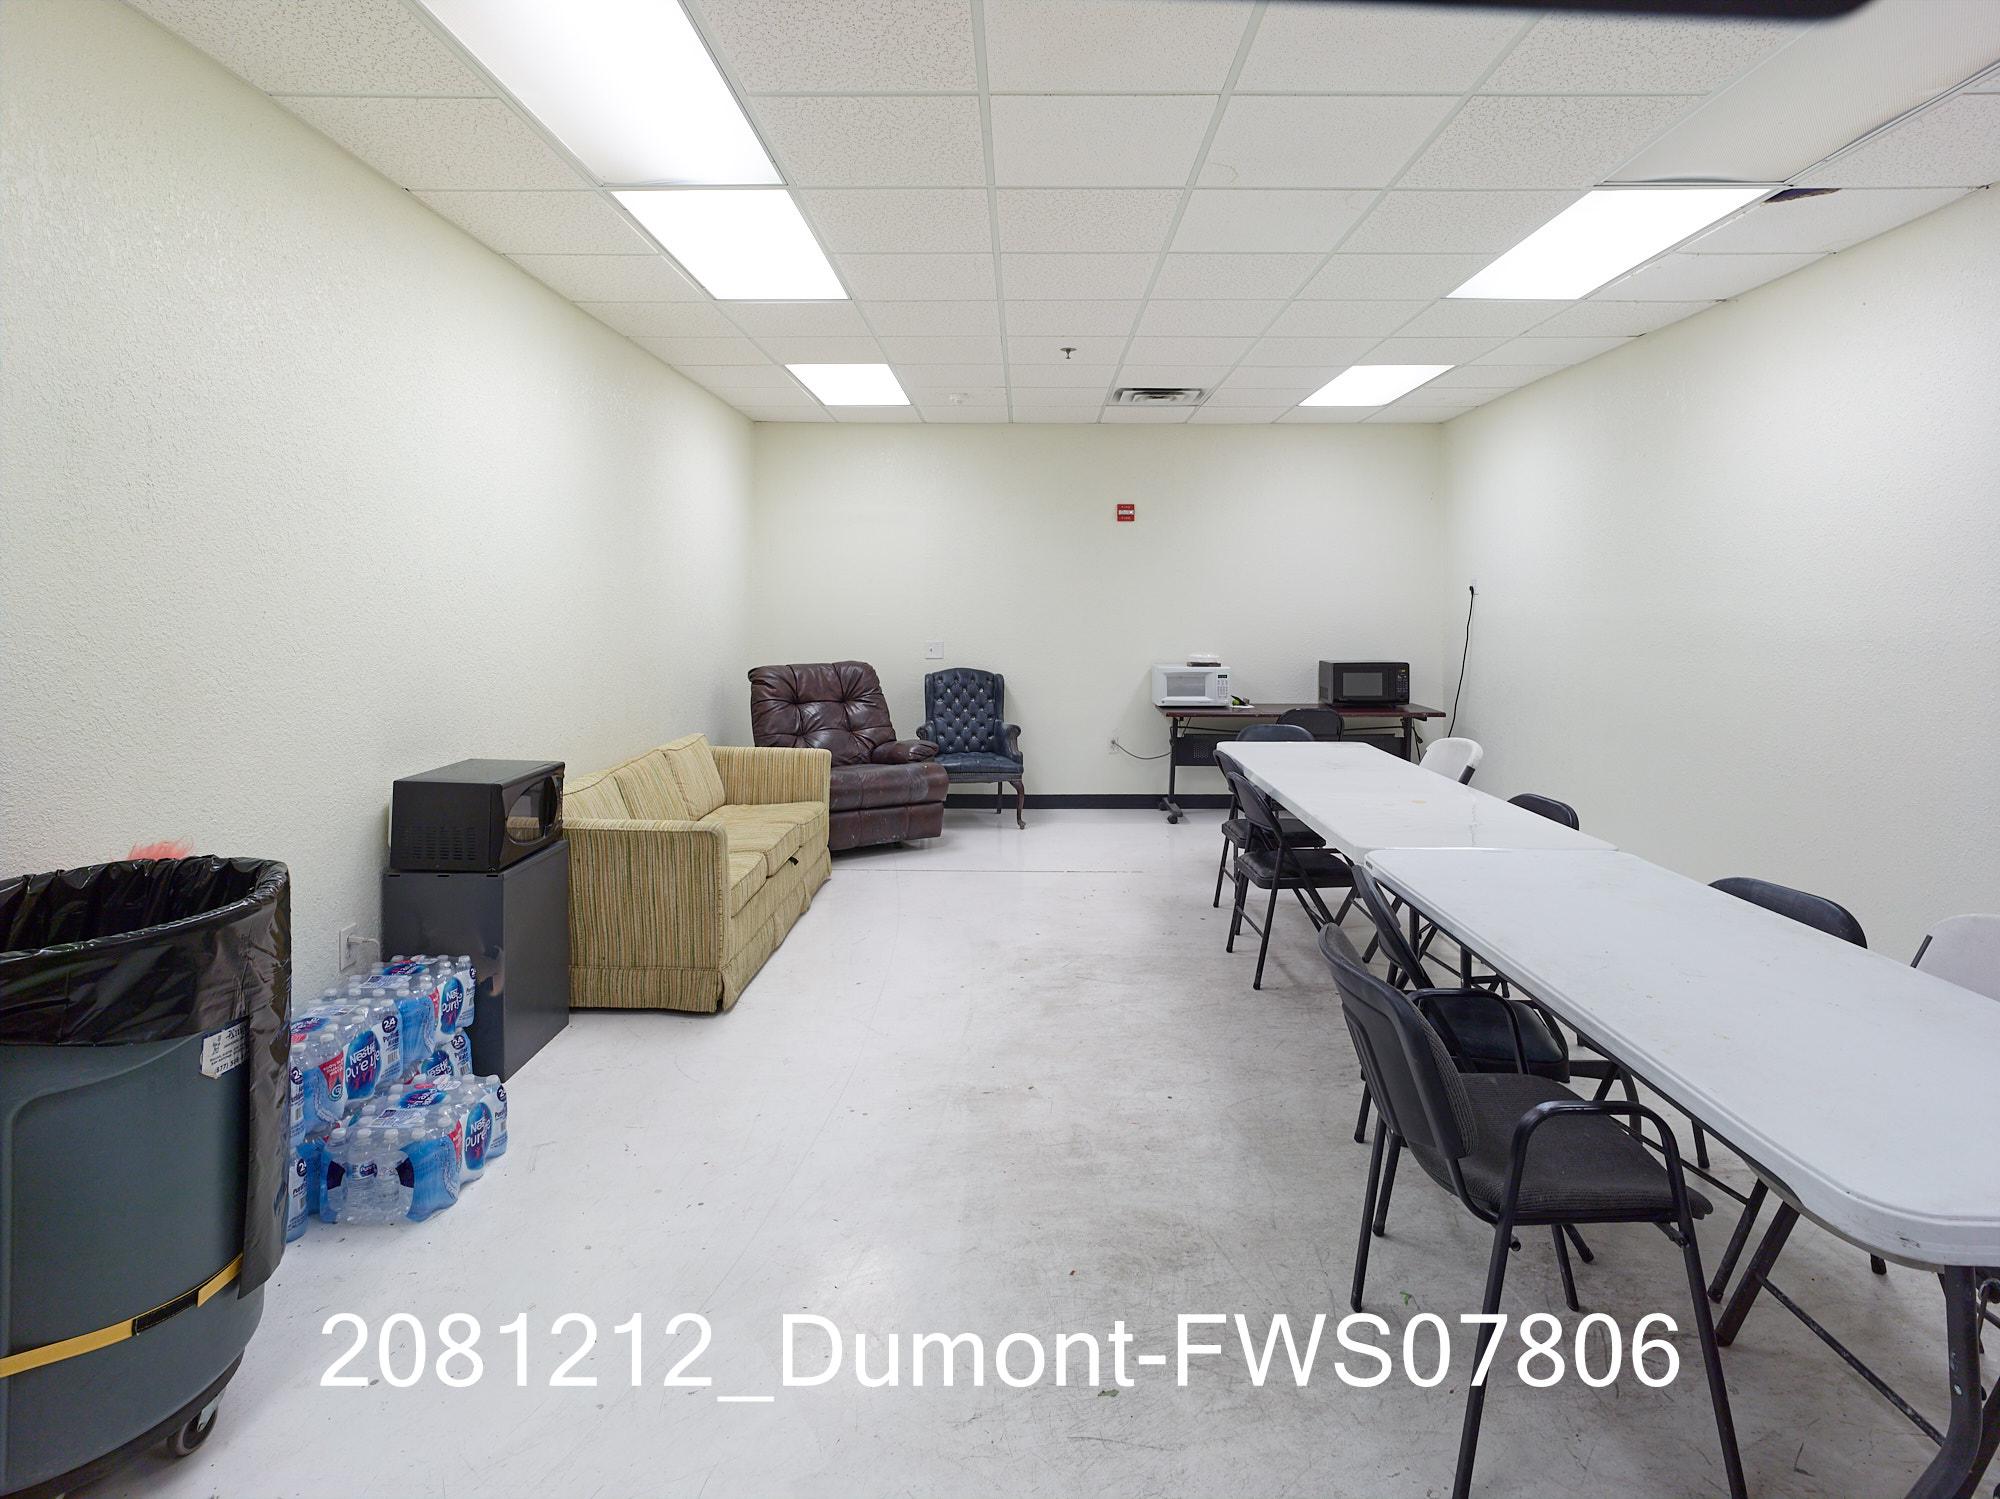 2081212_Dumont-FWS07806.jpg